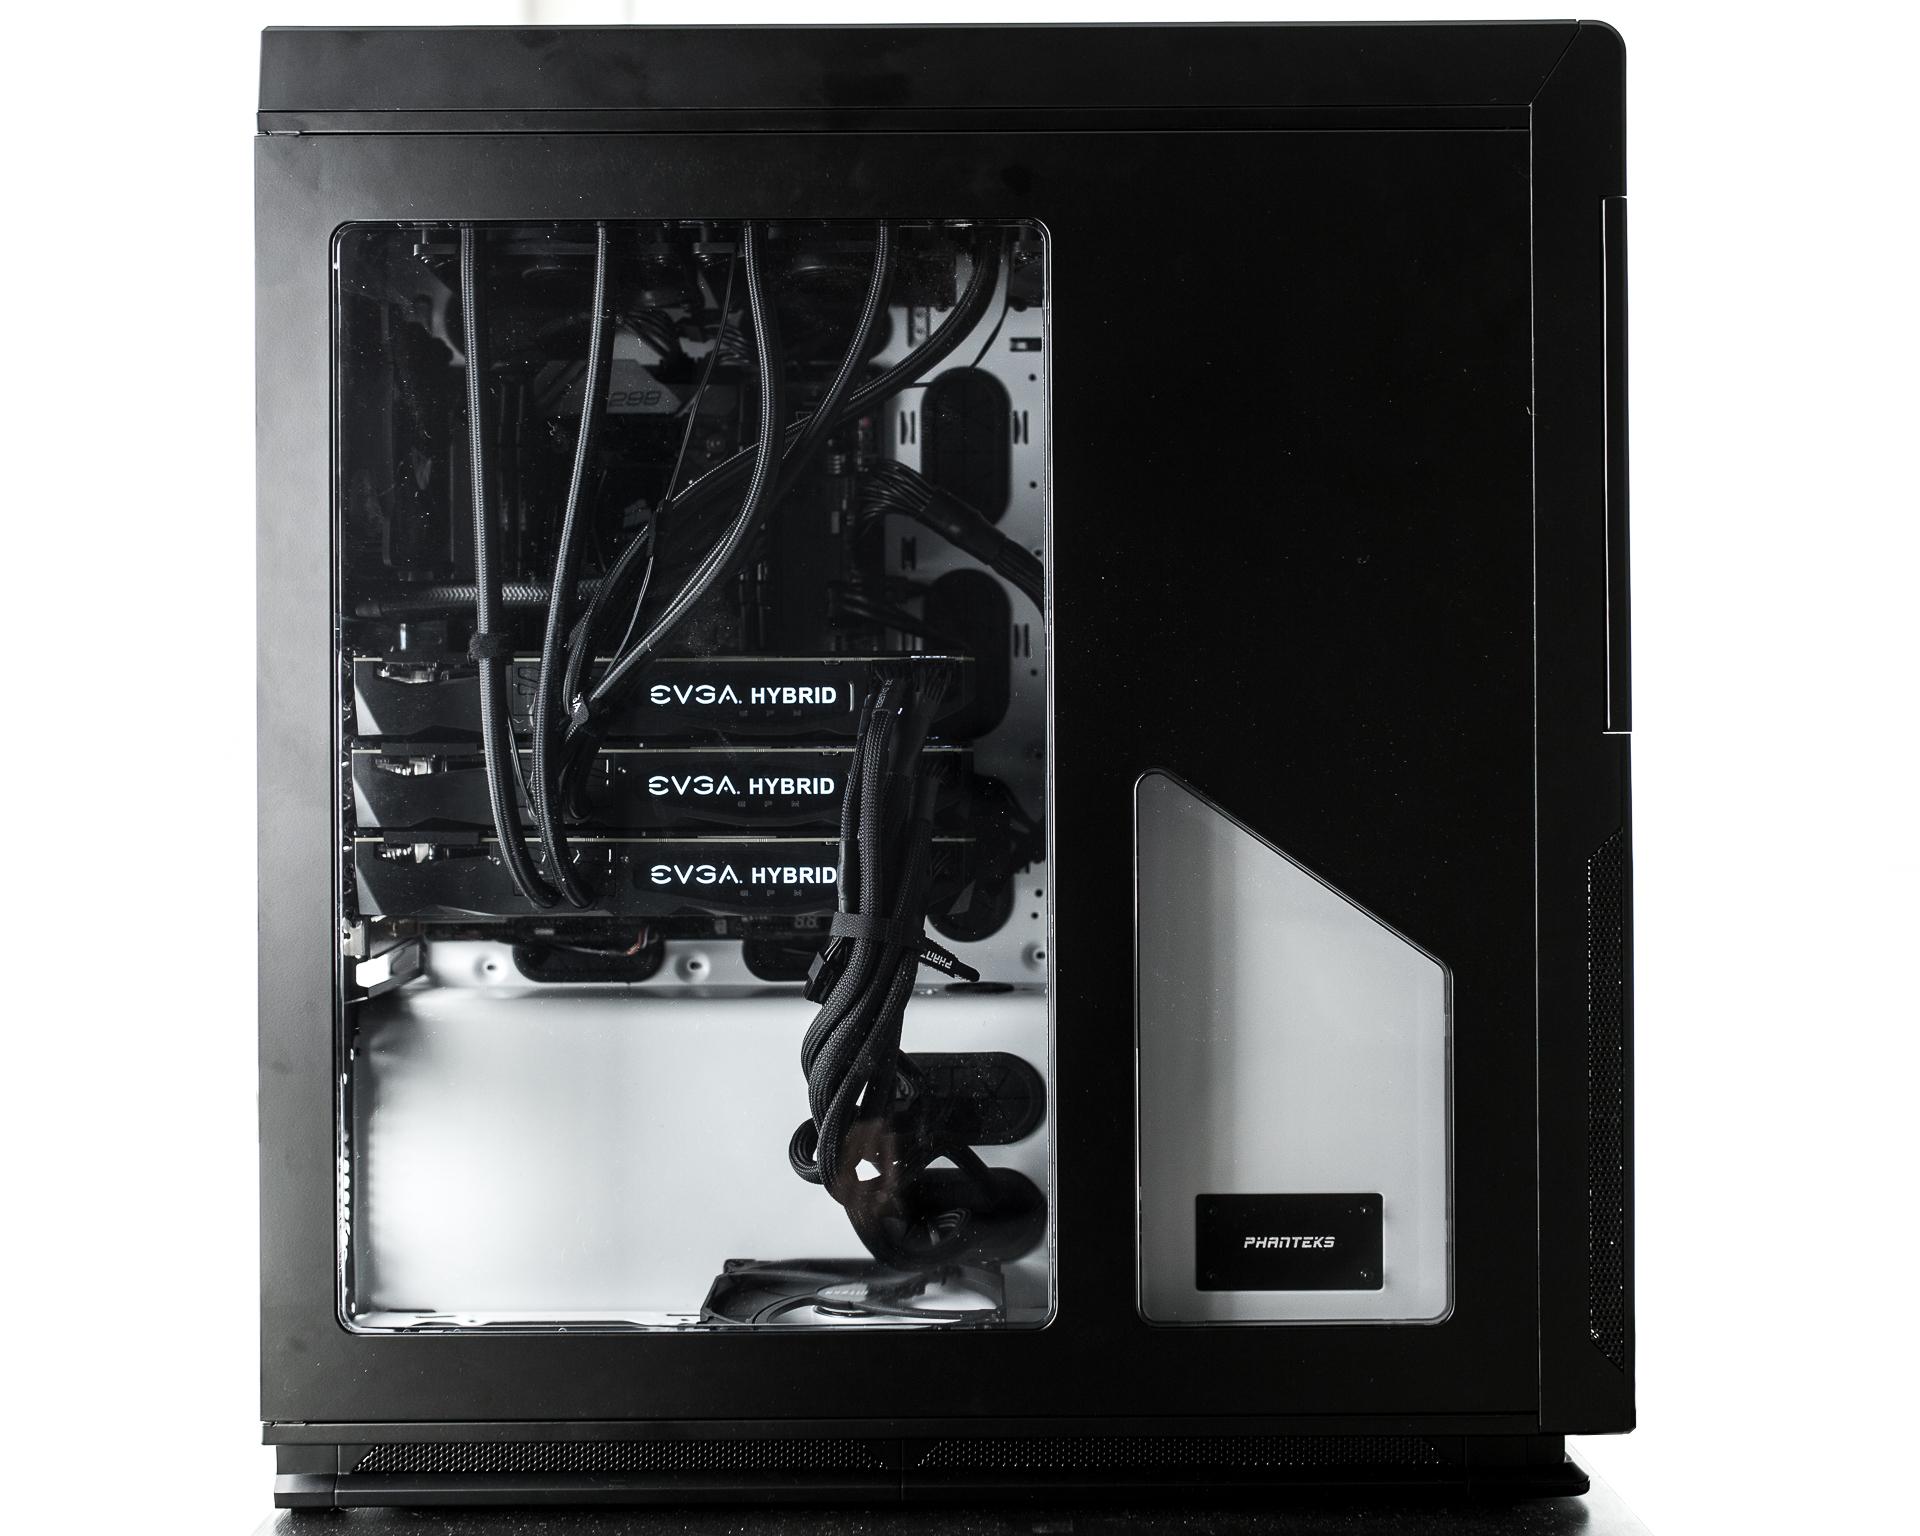 DZ9A8915-CLEANUP.jpg